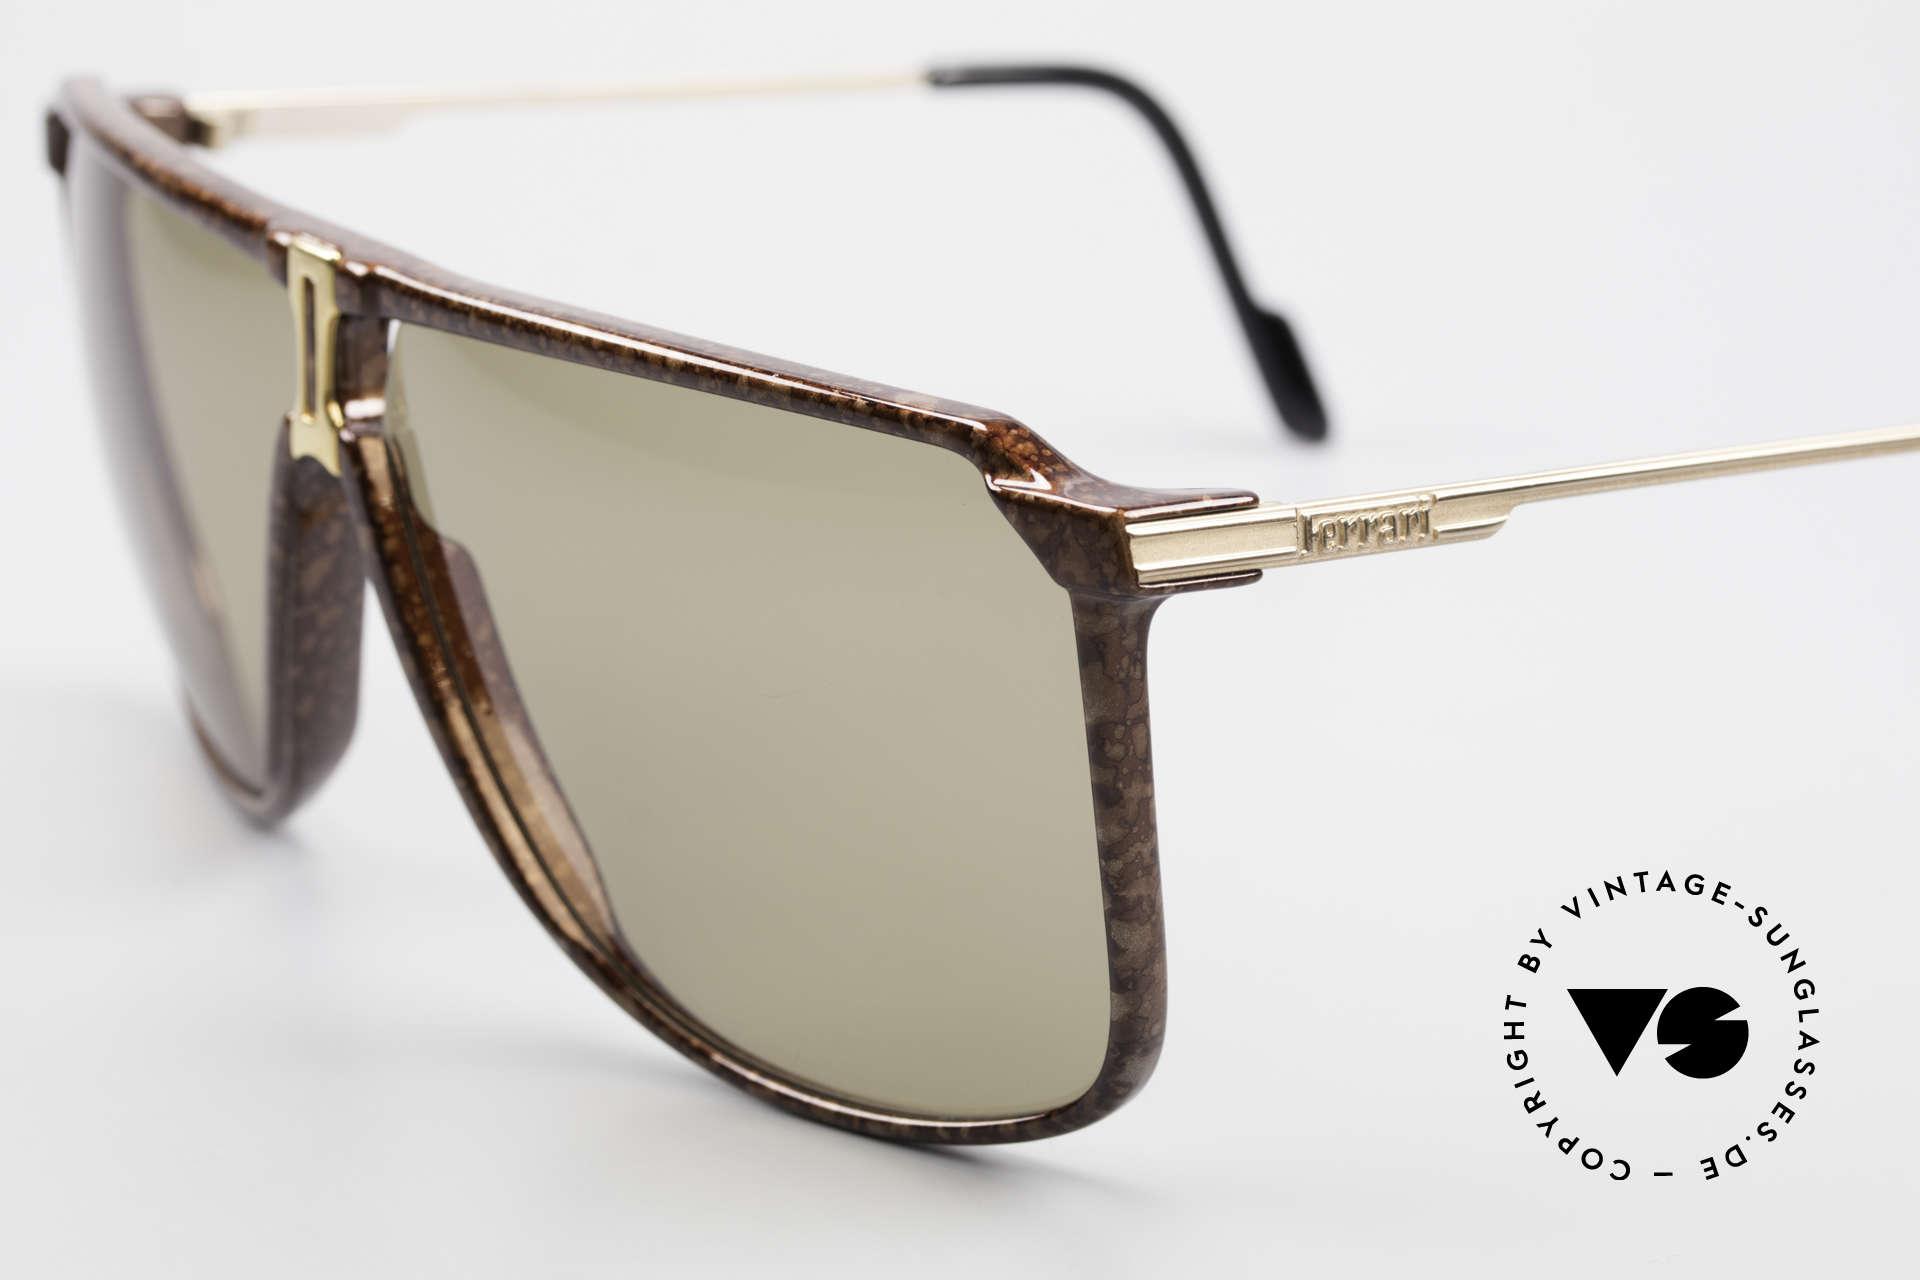 Ferrari F37/S 90er XL Sonnenbrille Karbon, begehrte vintage Brille d. FERRARI FORMULA Serie, Passend für Herren